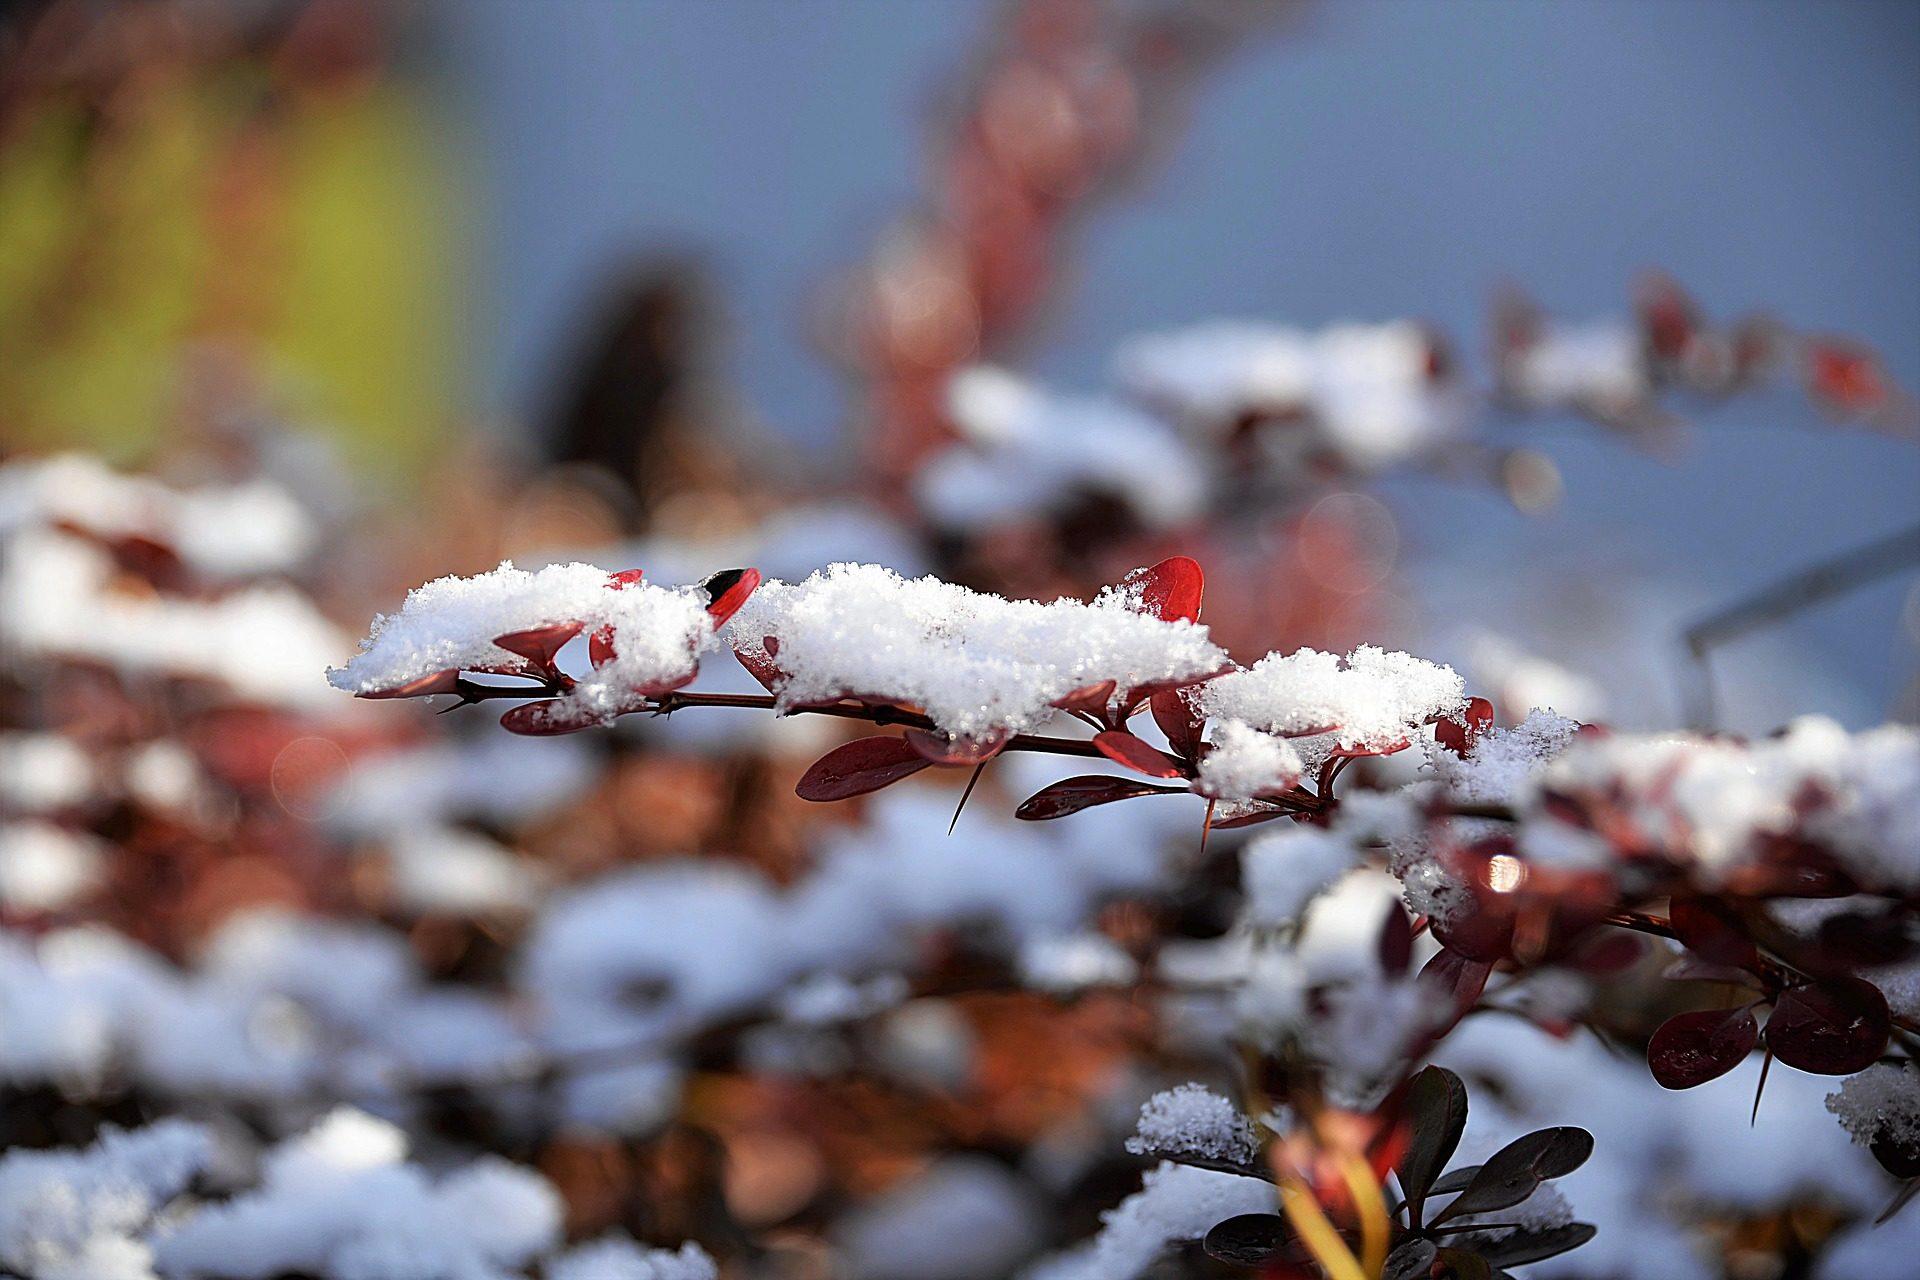 Schnee, Blätter, Pflanzen, Winter, Flocken - Wallpaper HD - Prof.-falken.com